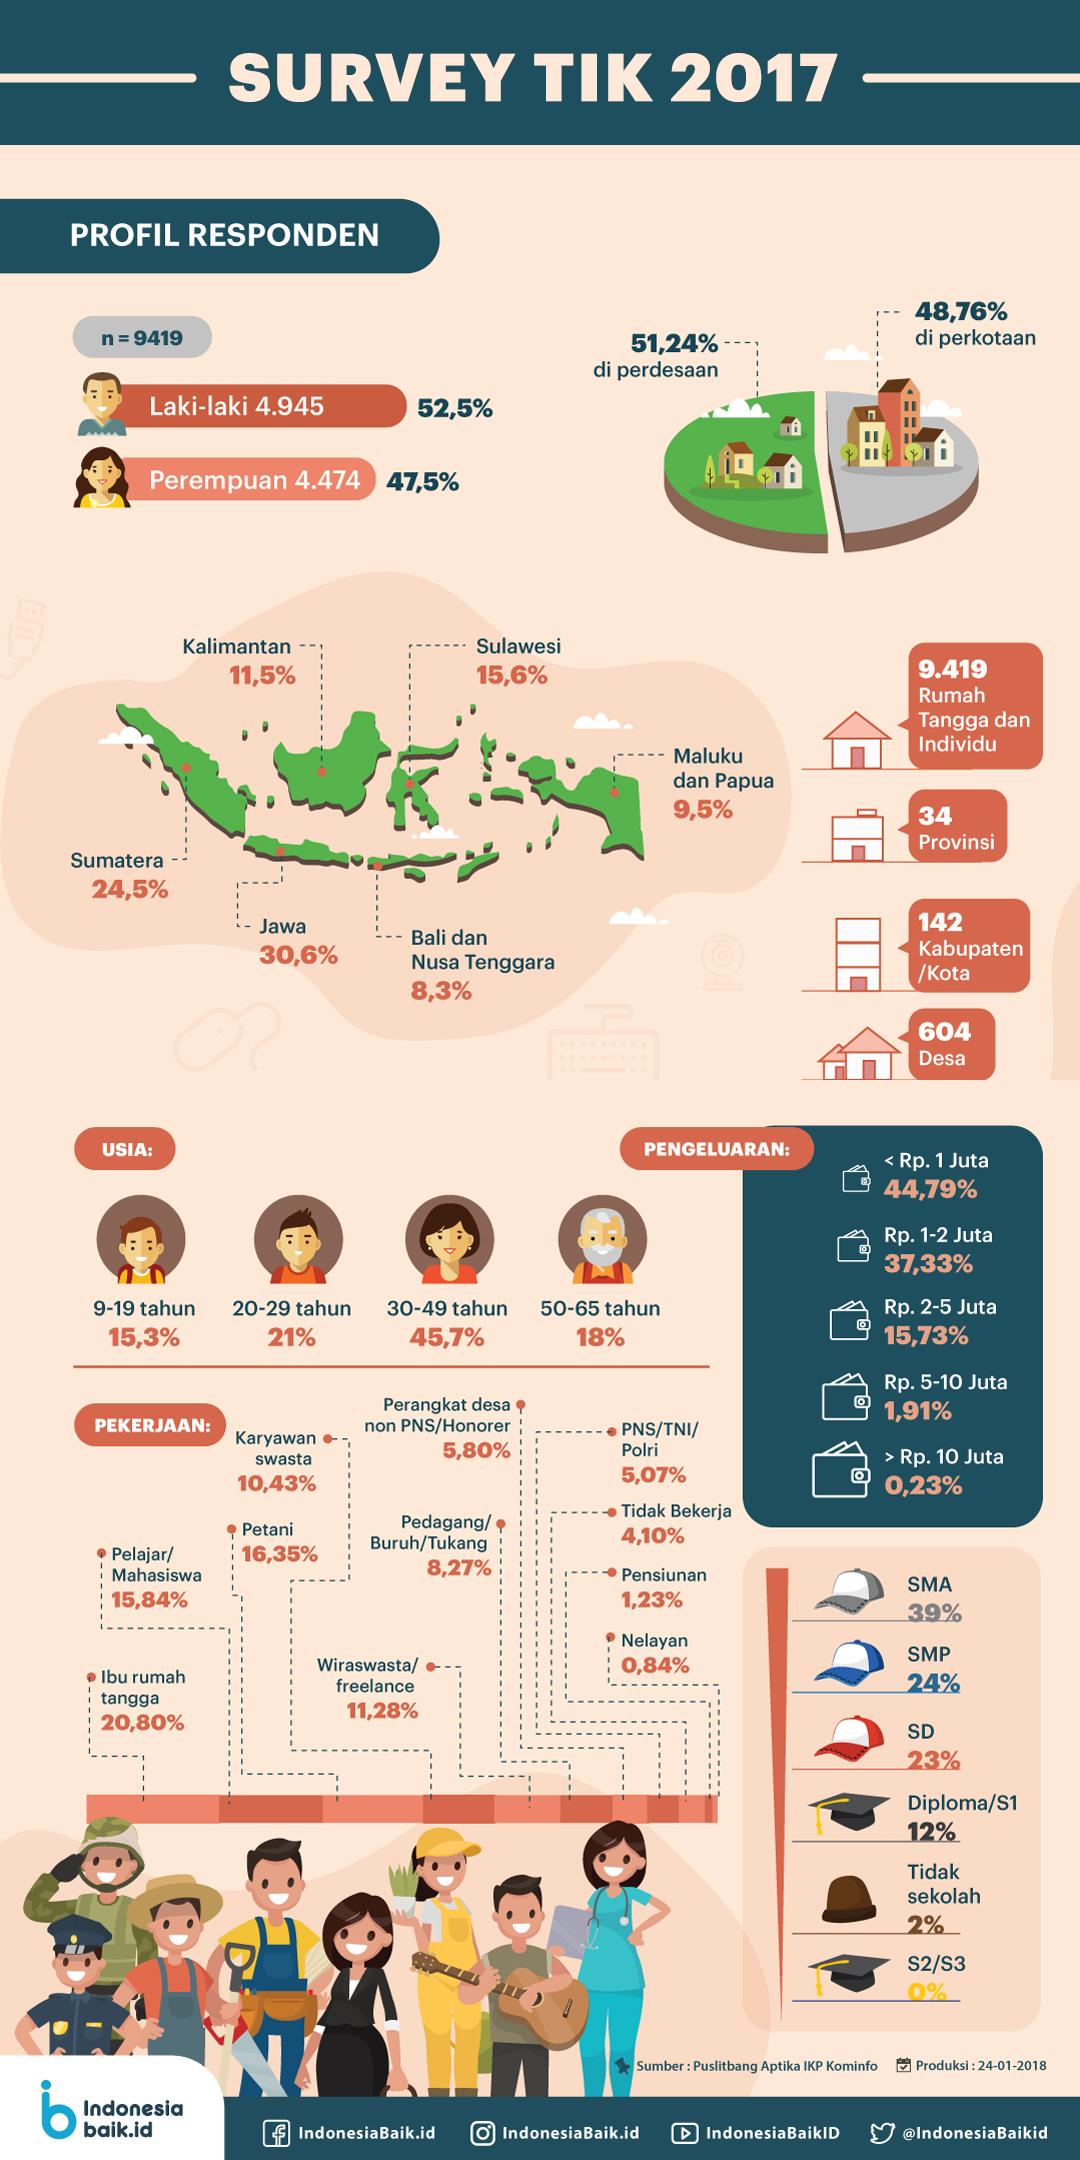 Profil Responden Pengguna TIK di Indonesia #1